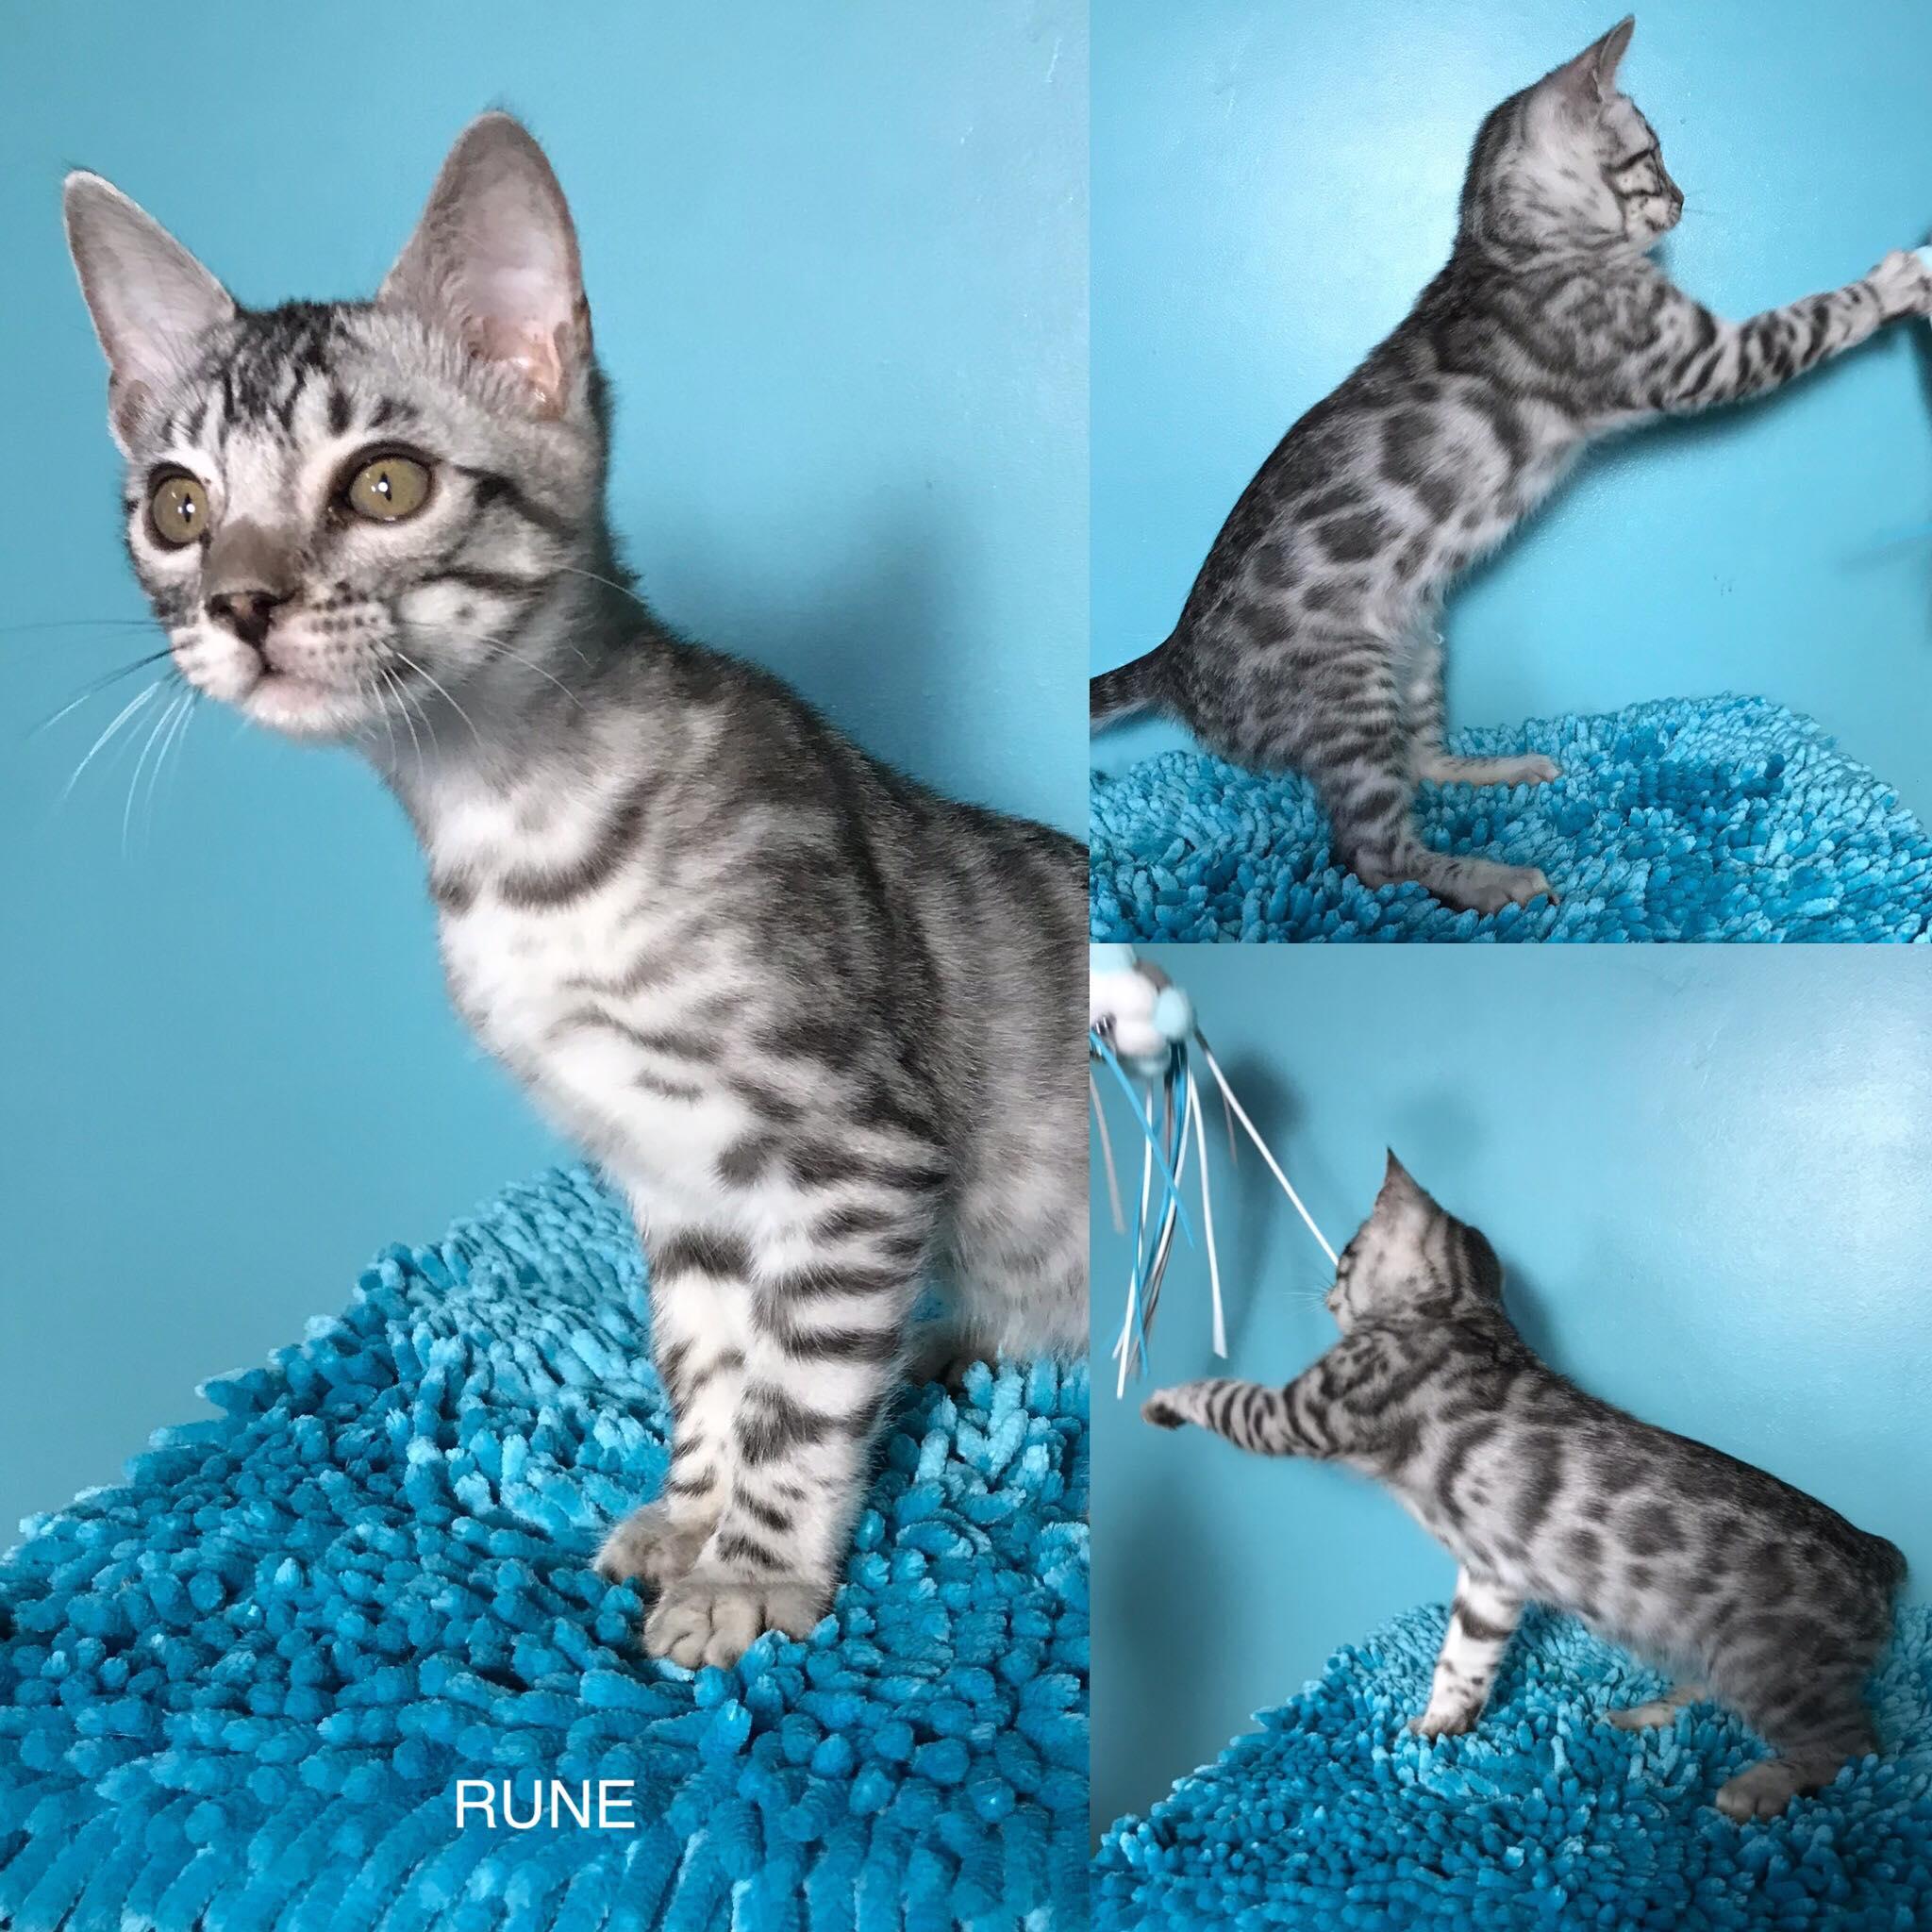 Rune 11 weeks